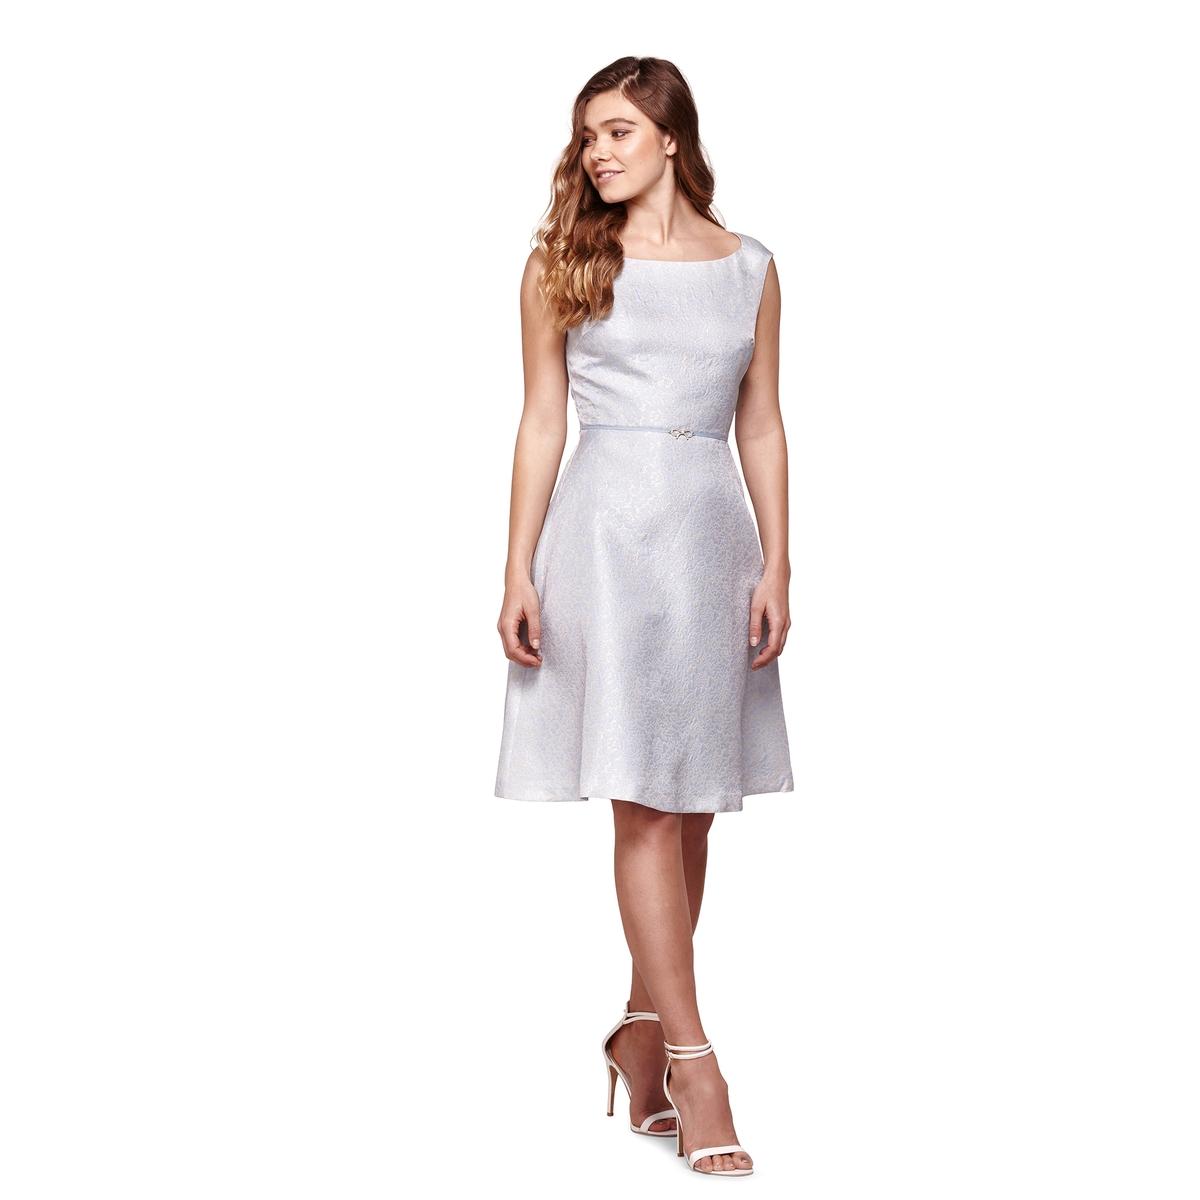 Платье расклешенное без рукавов с бантом платье yumi yumi платье